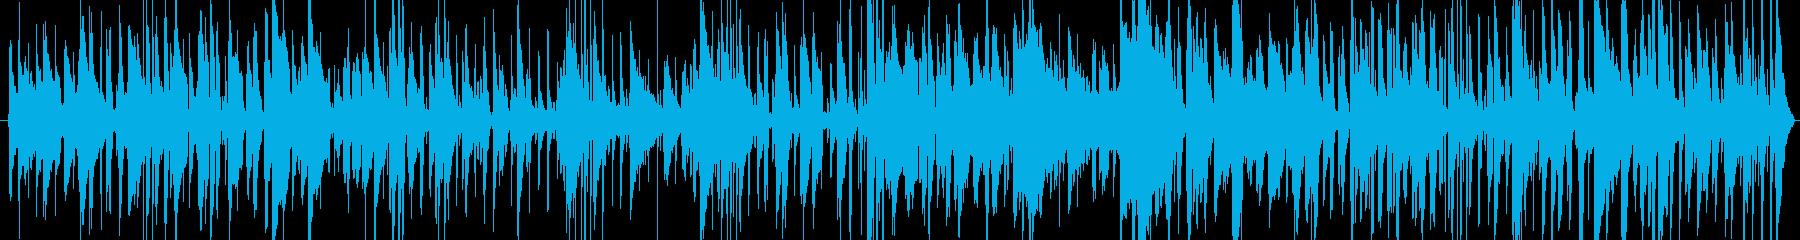 大人の雰囲気がただようジャズミュージックの再生済みの波形